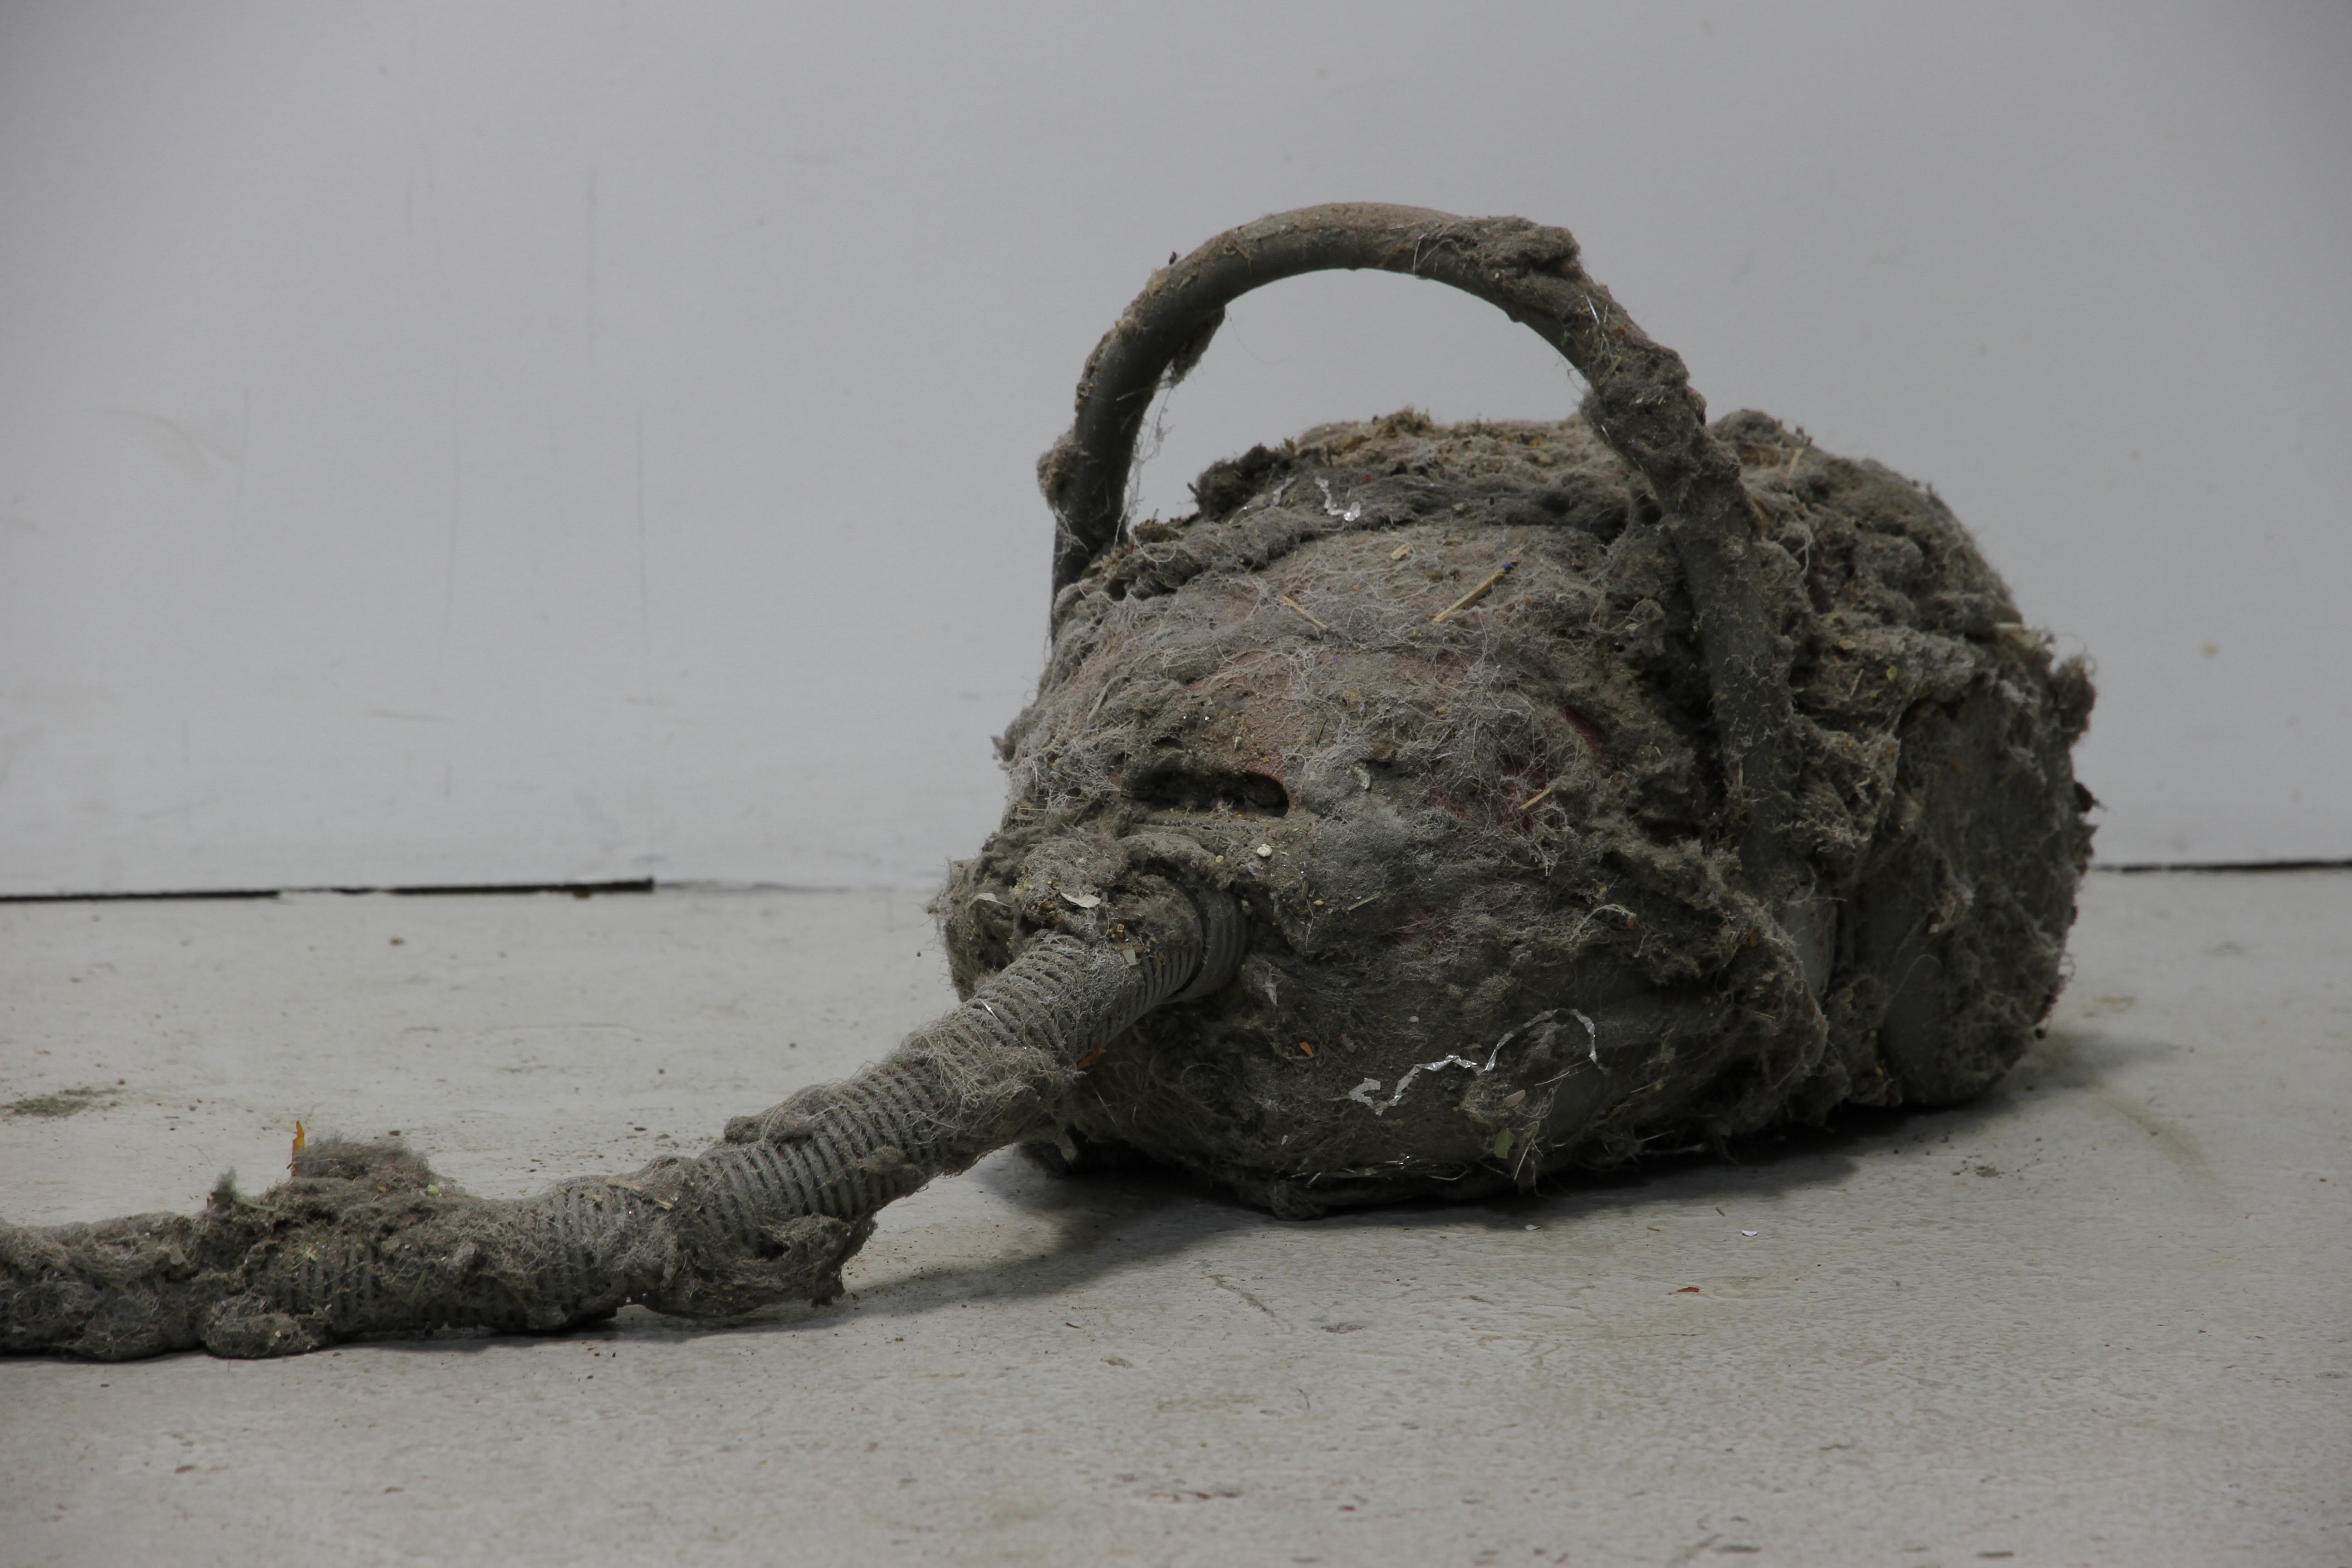 Kulsort kunst i Kunsthal NORD: Ny udstilling kører frem til juni